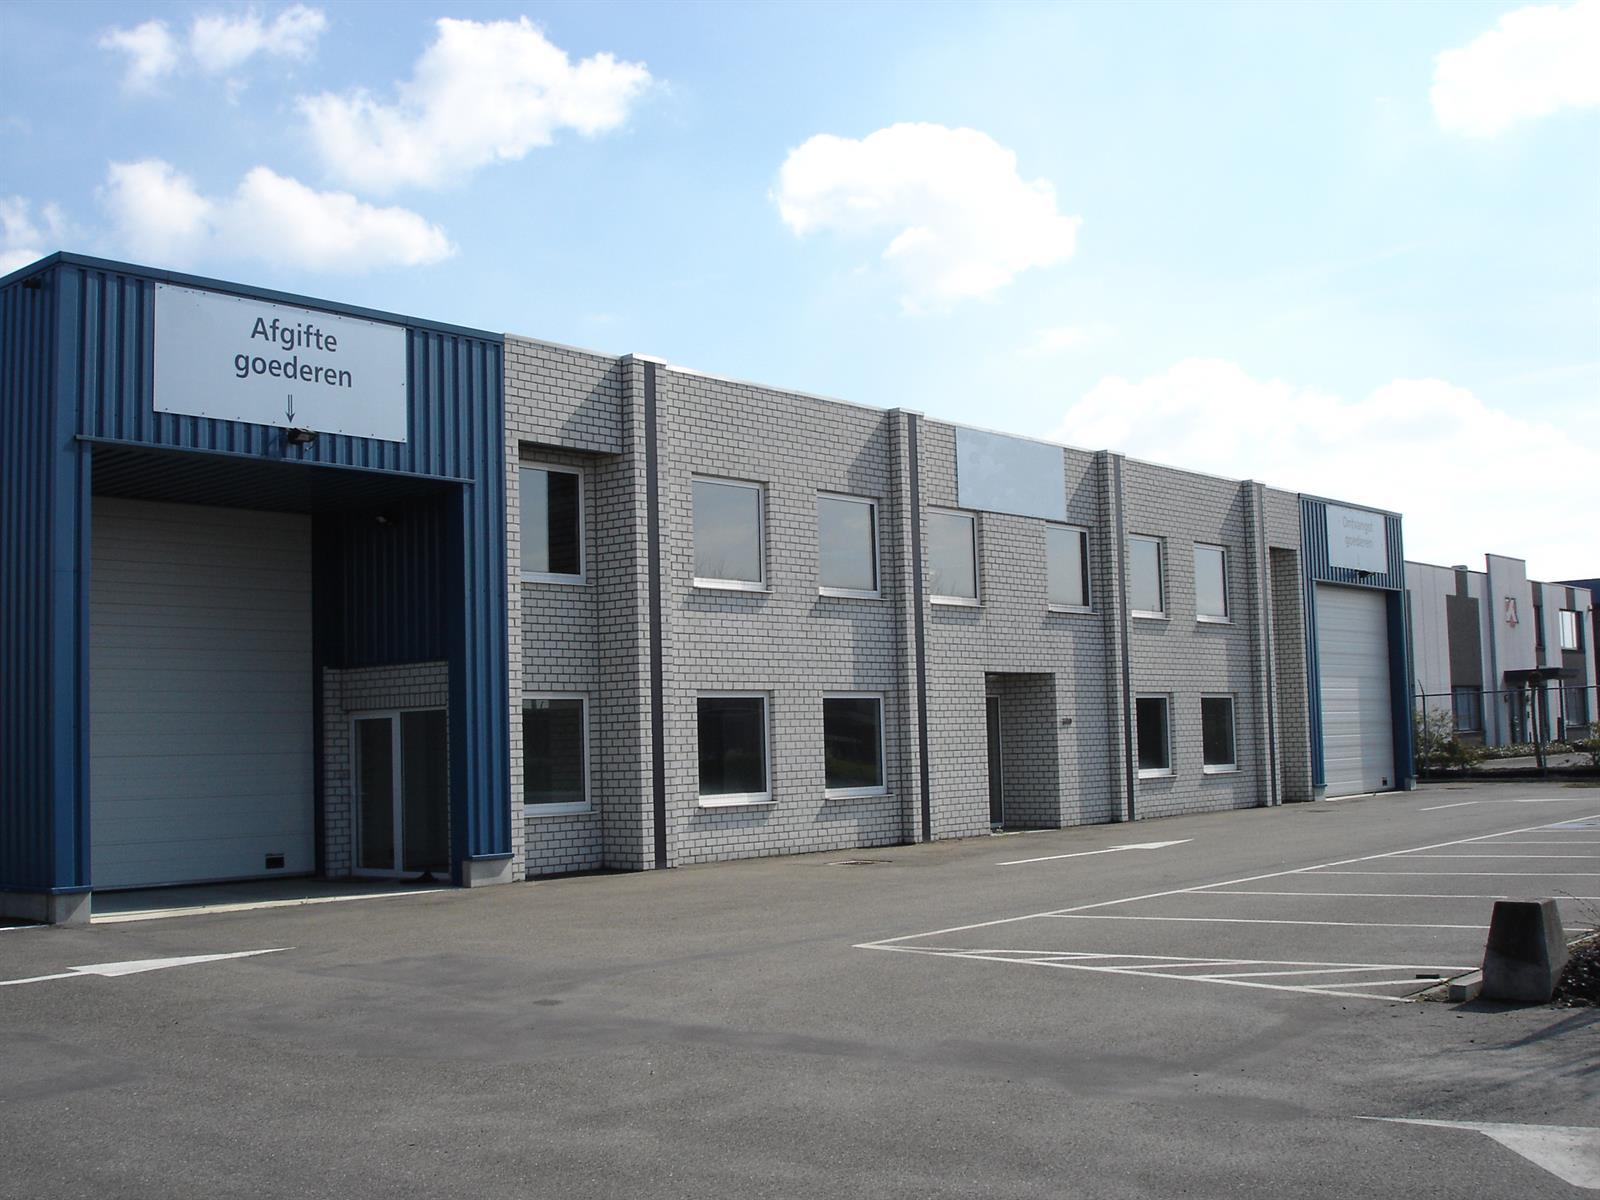 kantoren & magazijn te huur I145 - Magazijn met kantoor - Centrum-Zuid 3009, 3530 Houthalen-Helchteren, België 1